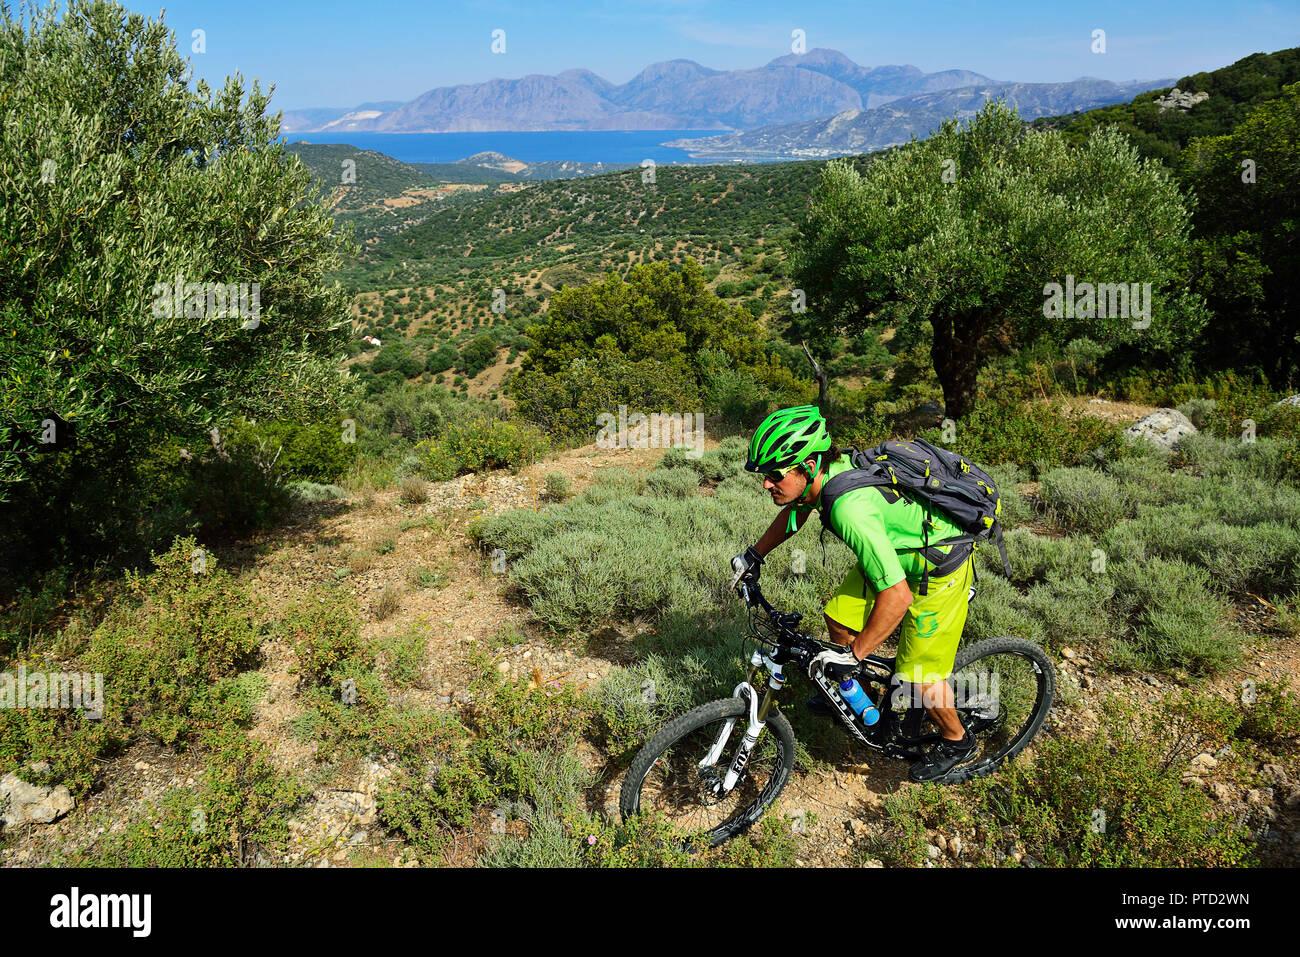 Mountain biker drives through Macchia, near Kritsa, Agios Nikolaos, Crete, Greece - Stock Image